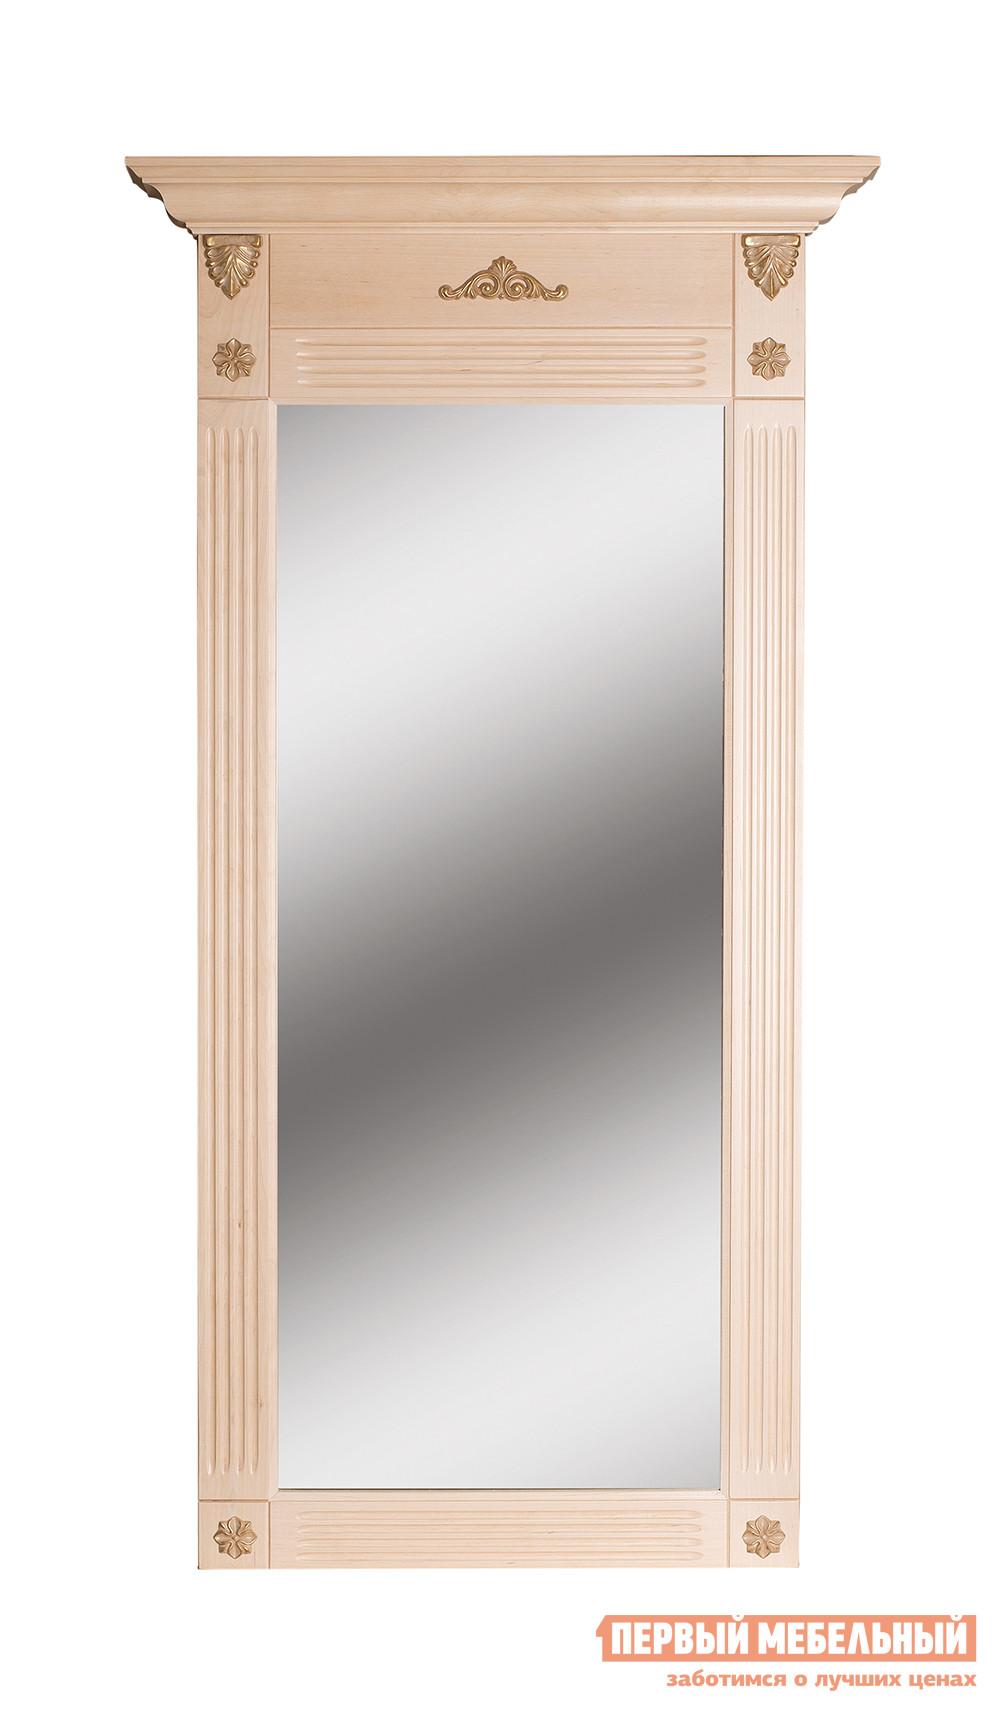 Настенное зеркало Мебелик Зеркало Сильвия зеркало мебелик сильвия белый ясень